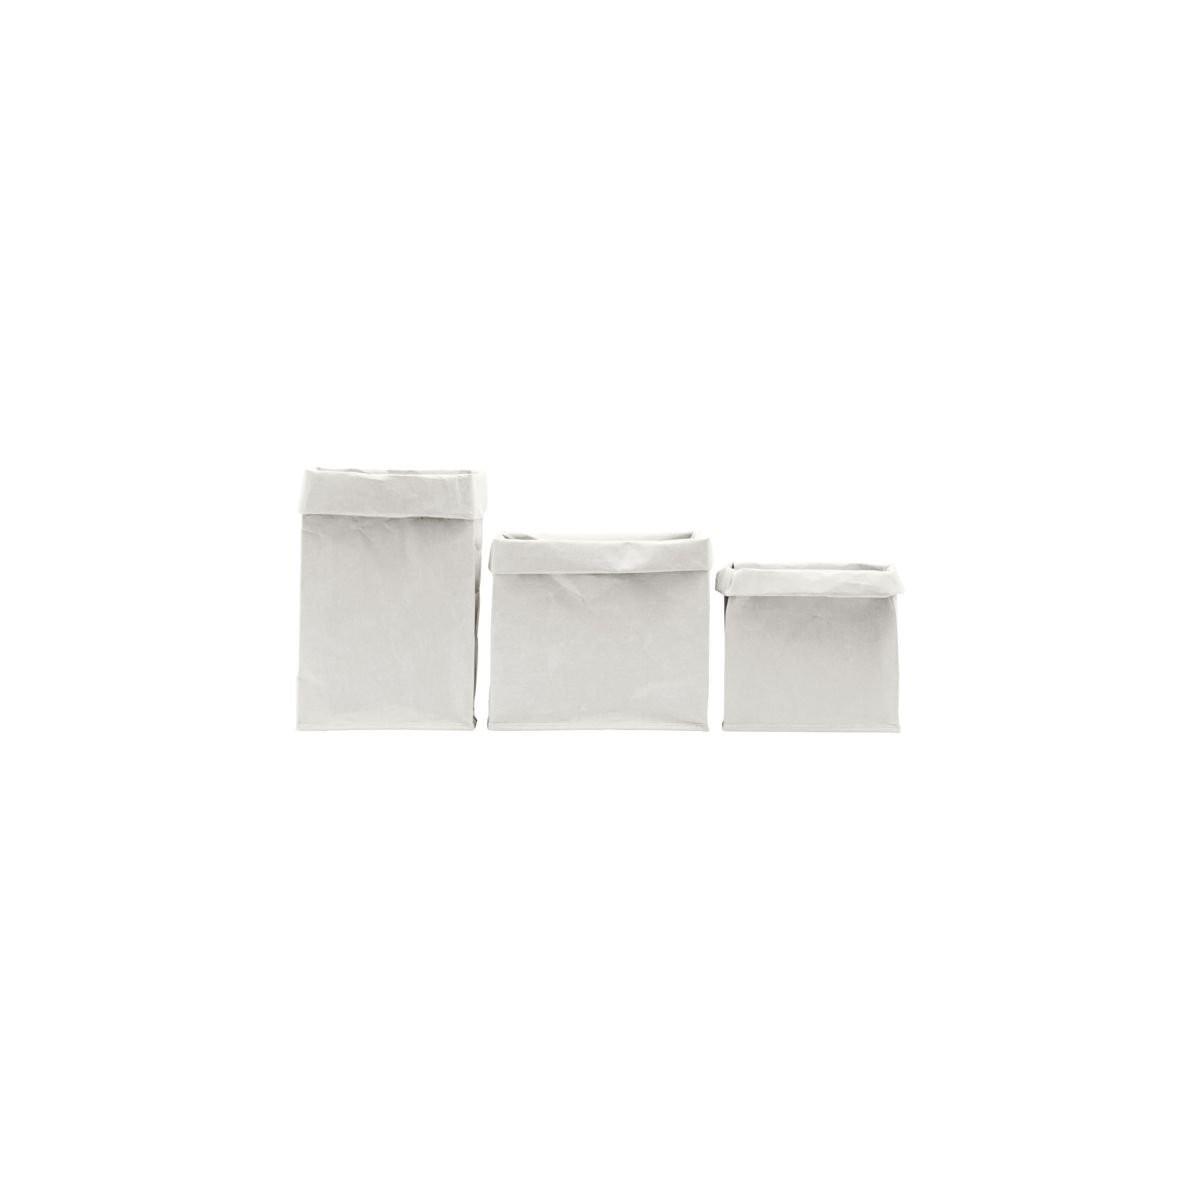 d1ca4e0415 Sada 6 ks – Úložné krabice ve třech velikostech